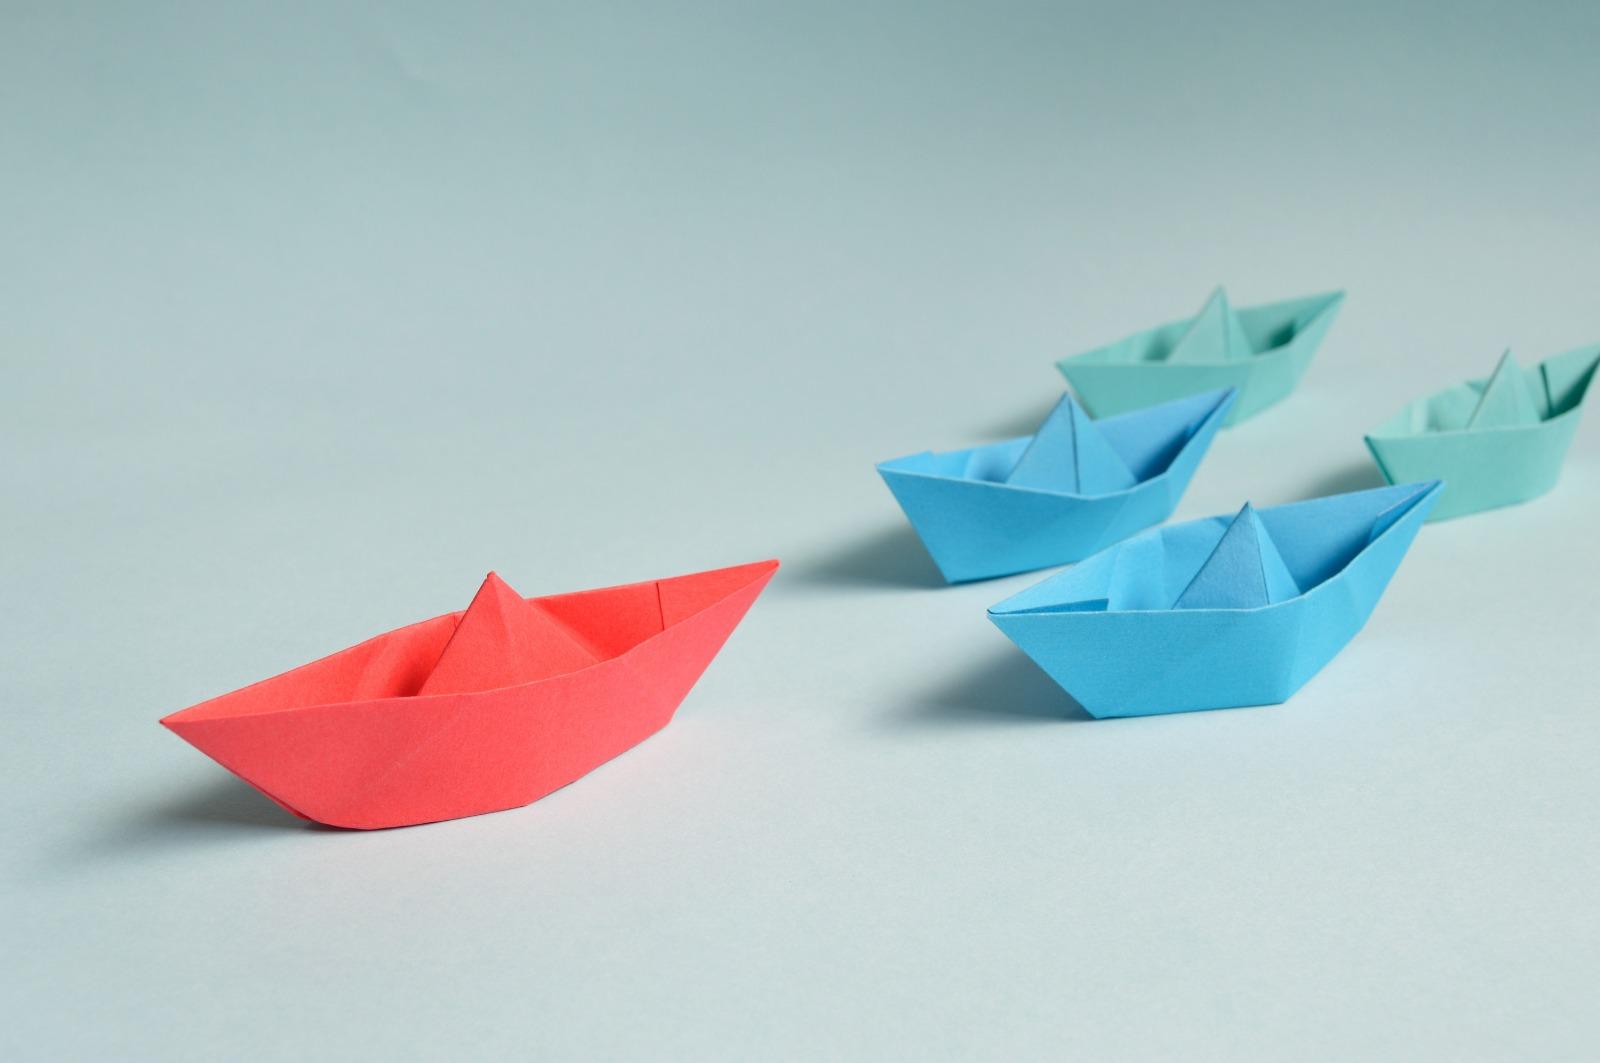 מפרשית נייר 2.jpg